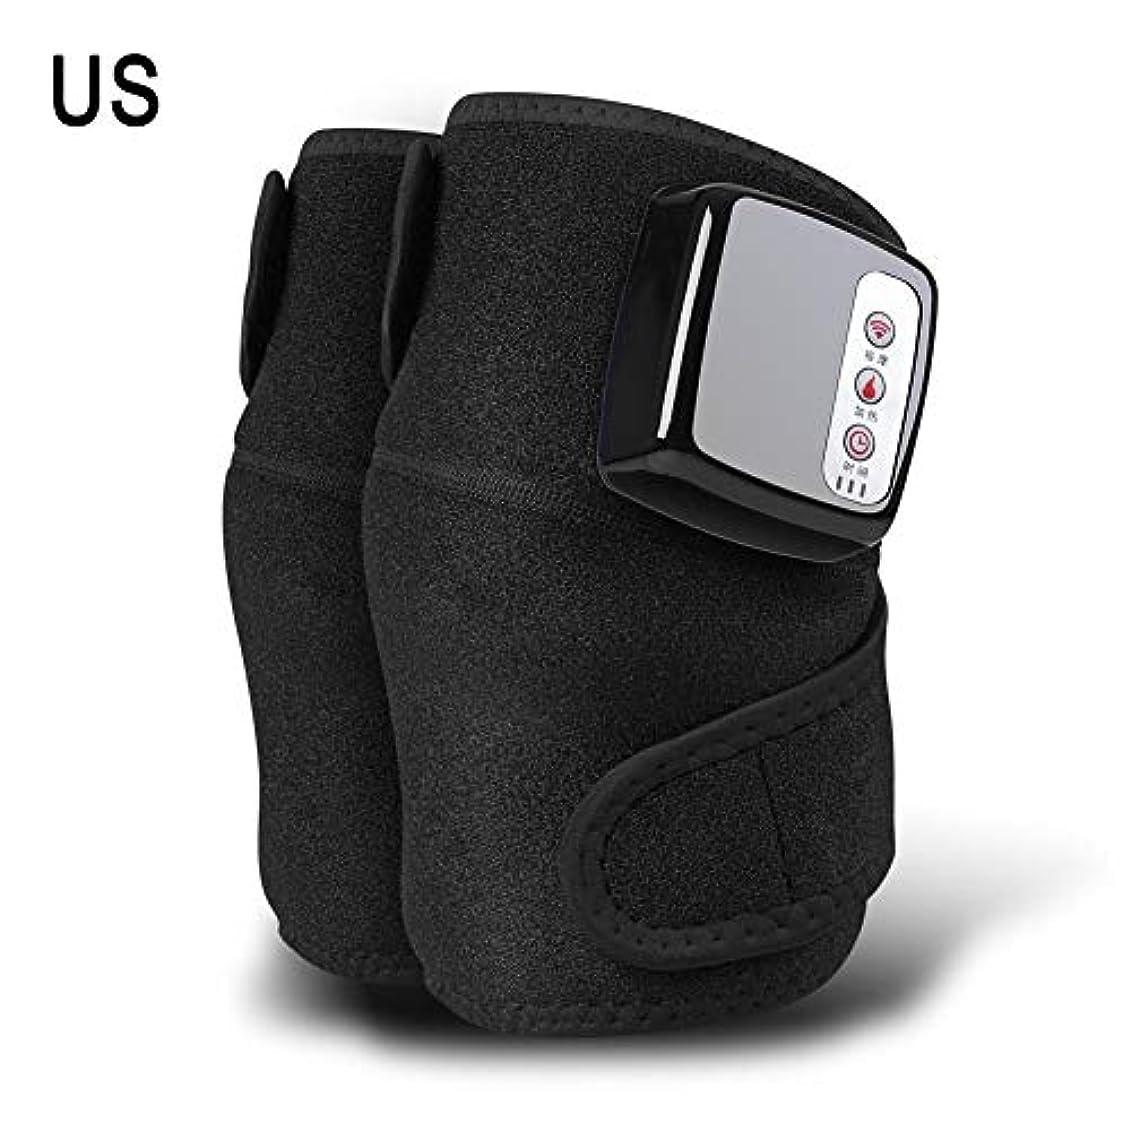 アドバンテージブラケットキモい膝マッサージャー、ホットコンプレス、振動、多機能充電式発熱膝マッサージャー、暖かい膝関節、古い冷たい脚